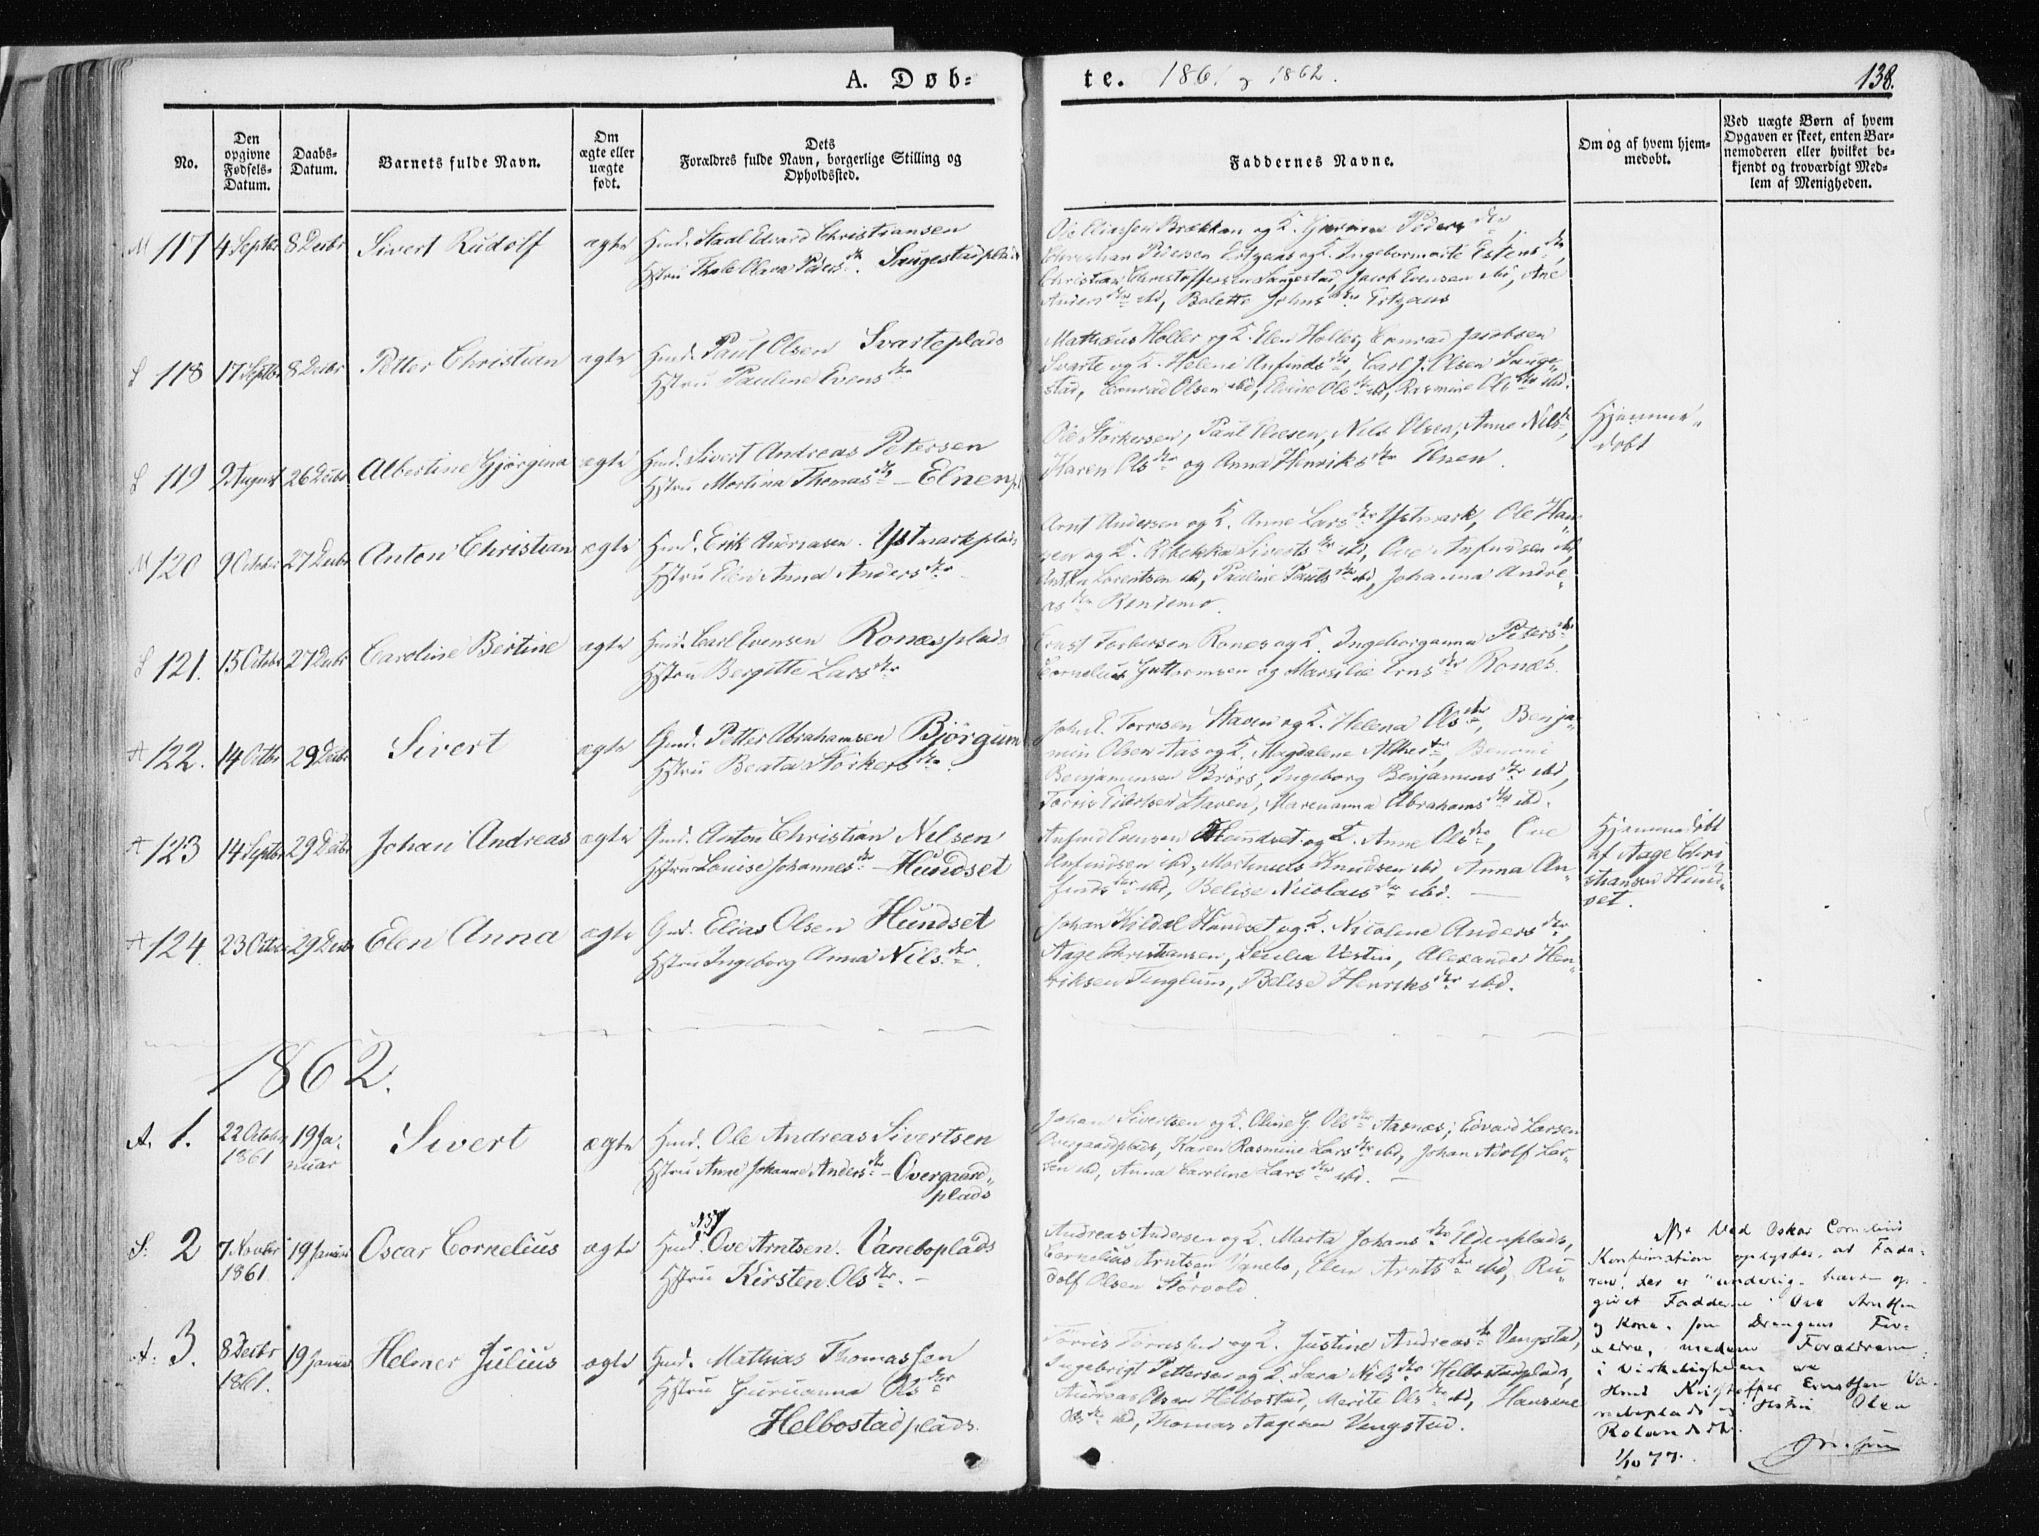 SAT, Ministerialprotokoller, klokkerbøker og fødselsregistre - Nord-Trøndelag, 741/L0393: Ministerialbok nr. 741A07, 1849-1863, s. 138